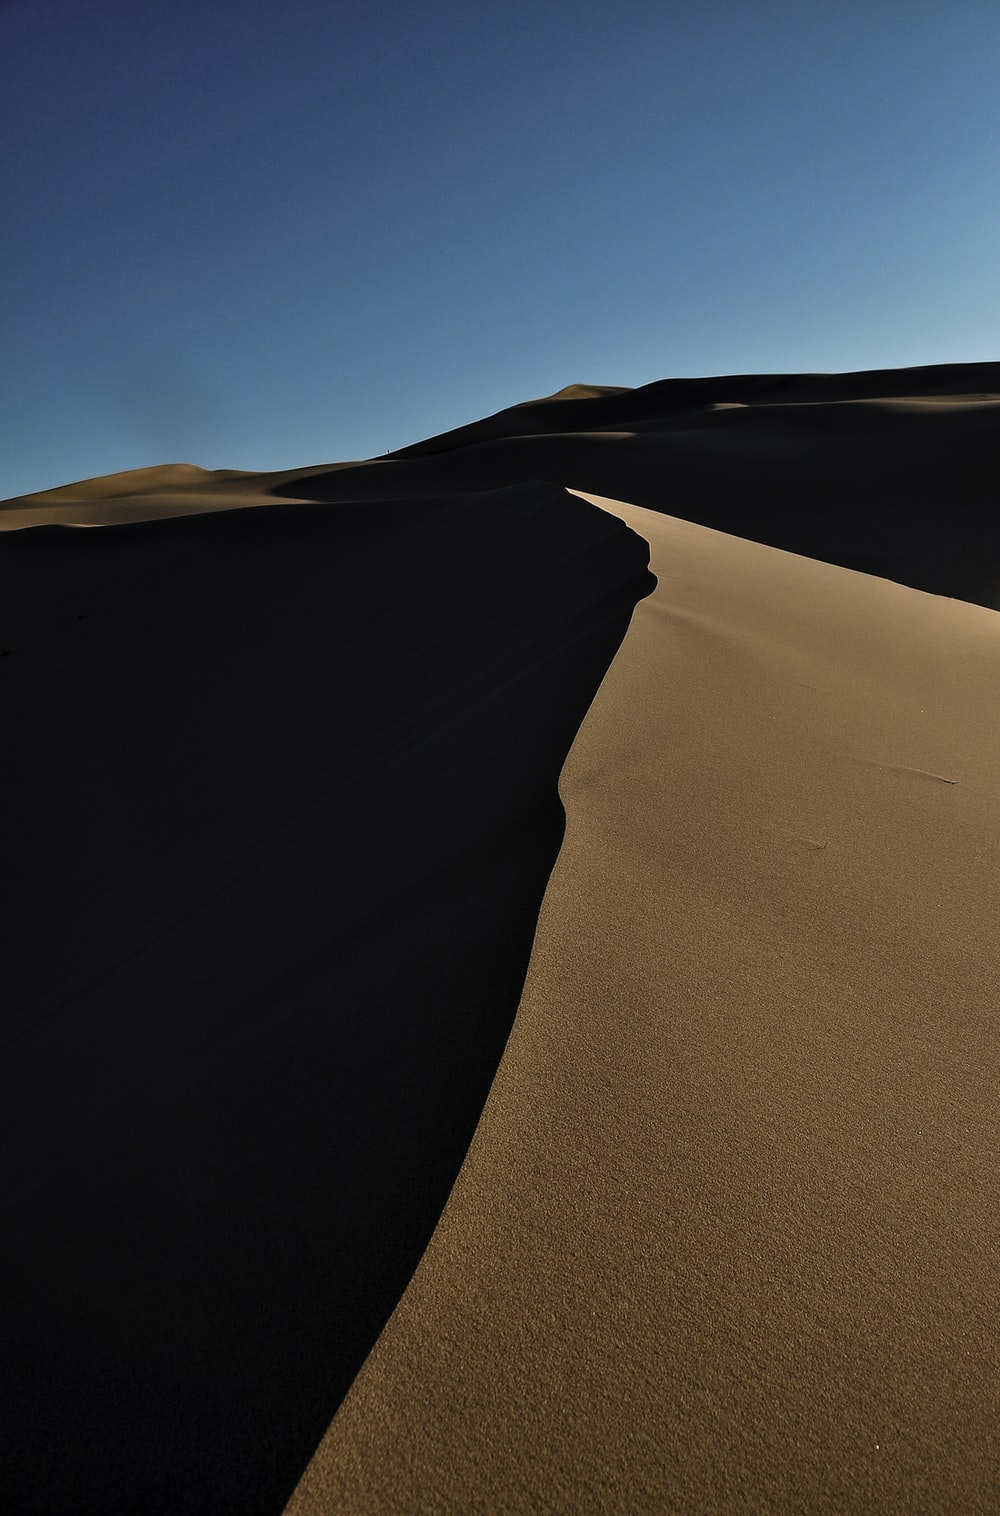 black sand under blue sky during daytime